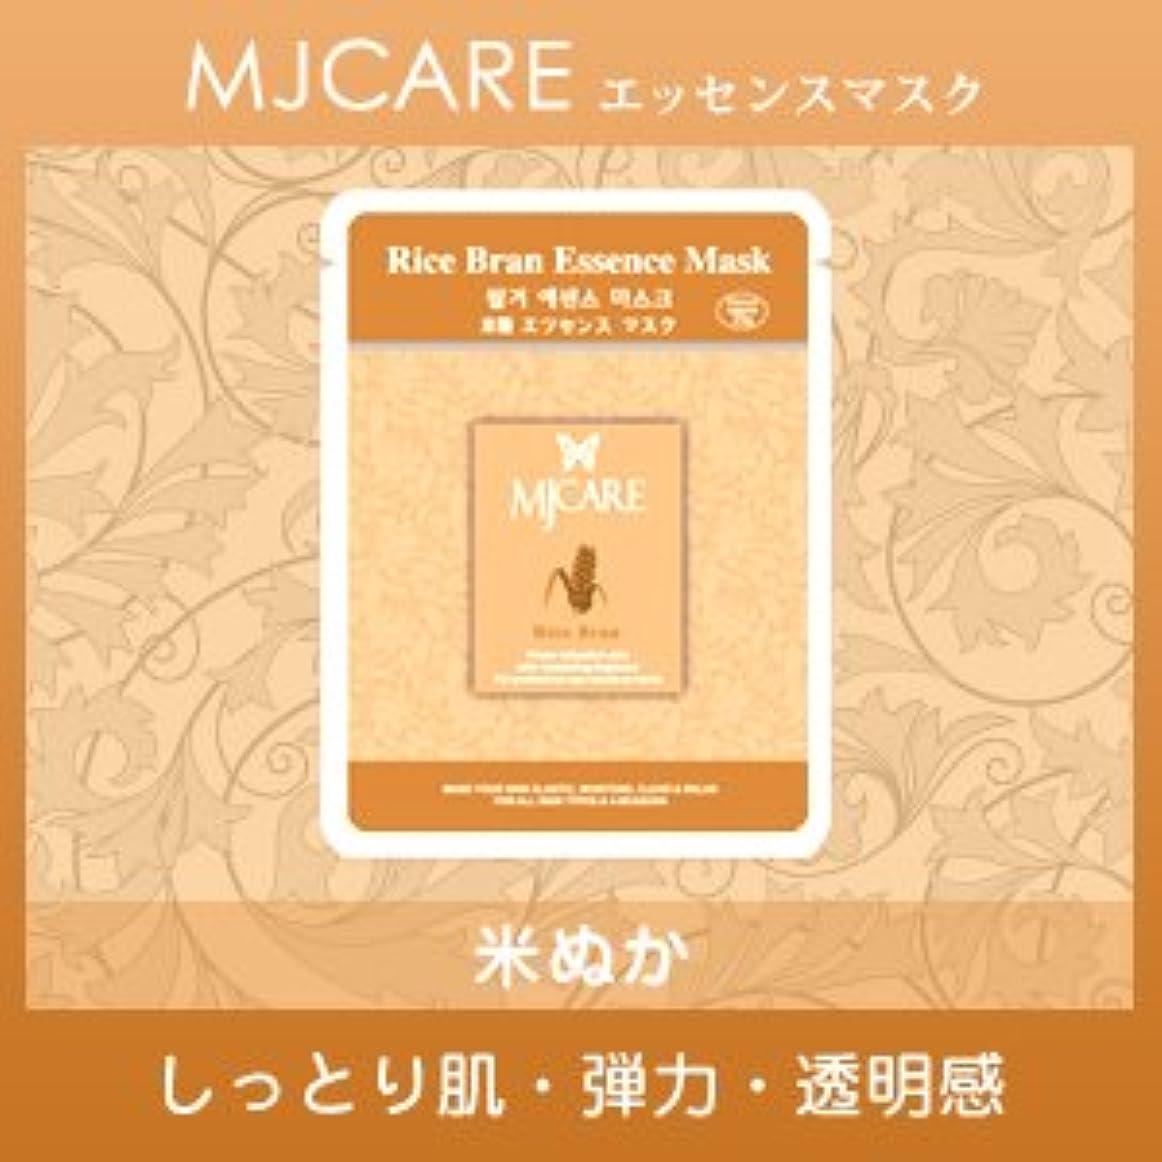 写真を描くホップ滑り台MJCARE (エムジェイケア) 米ぬか エッセンスマスク